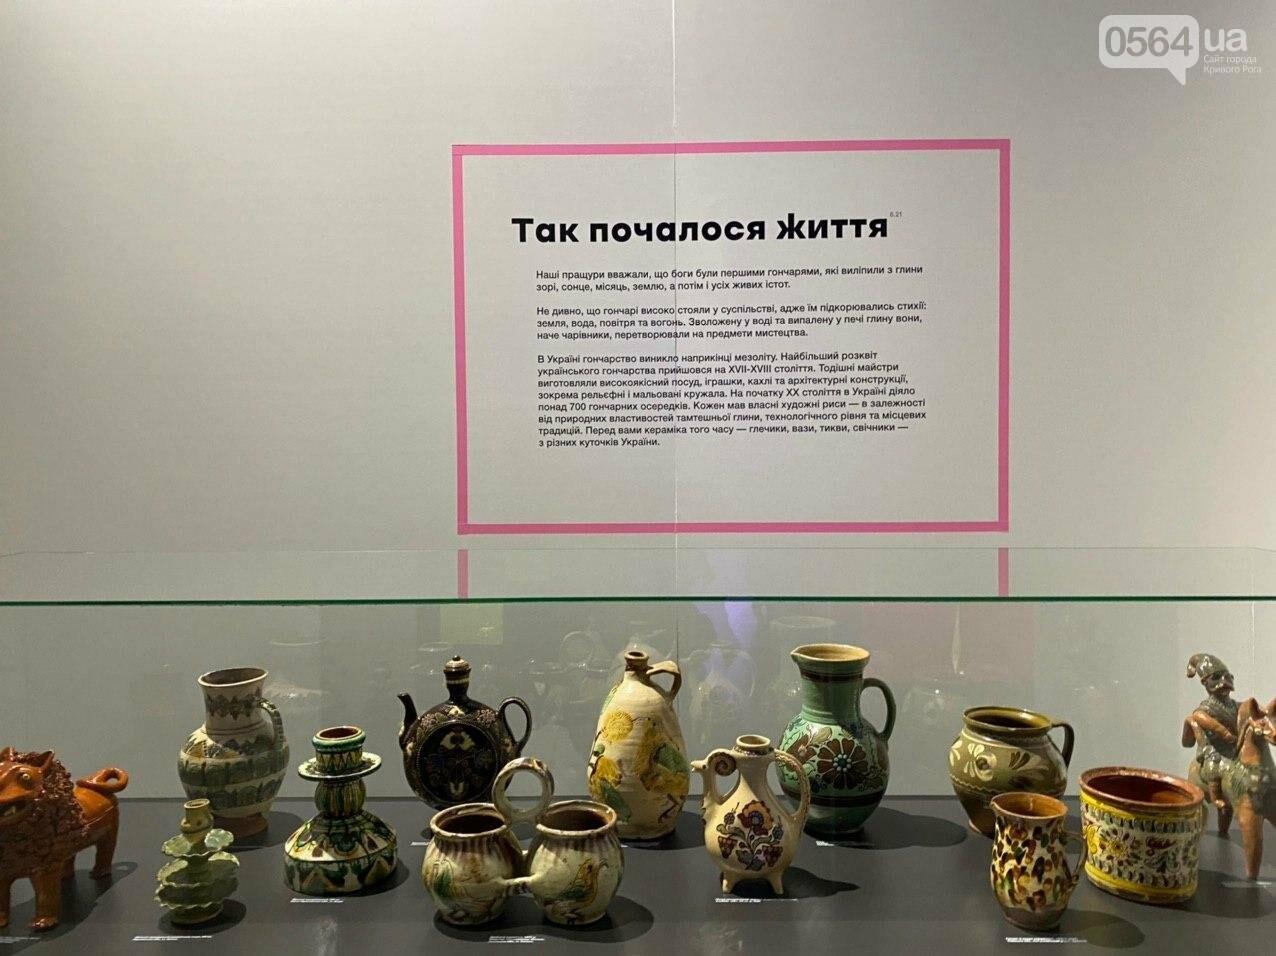 Ukraine WOW: что можно было узнать о Кривом Роге на интерактивной выставке, - ФОТО , фото-113